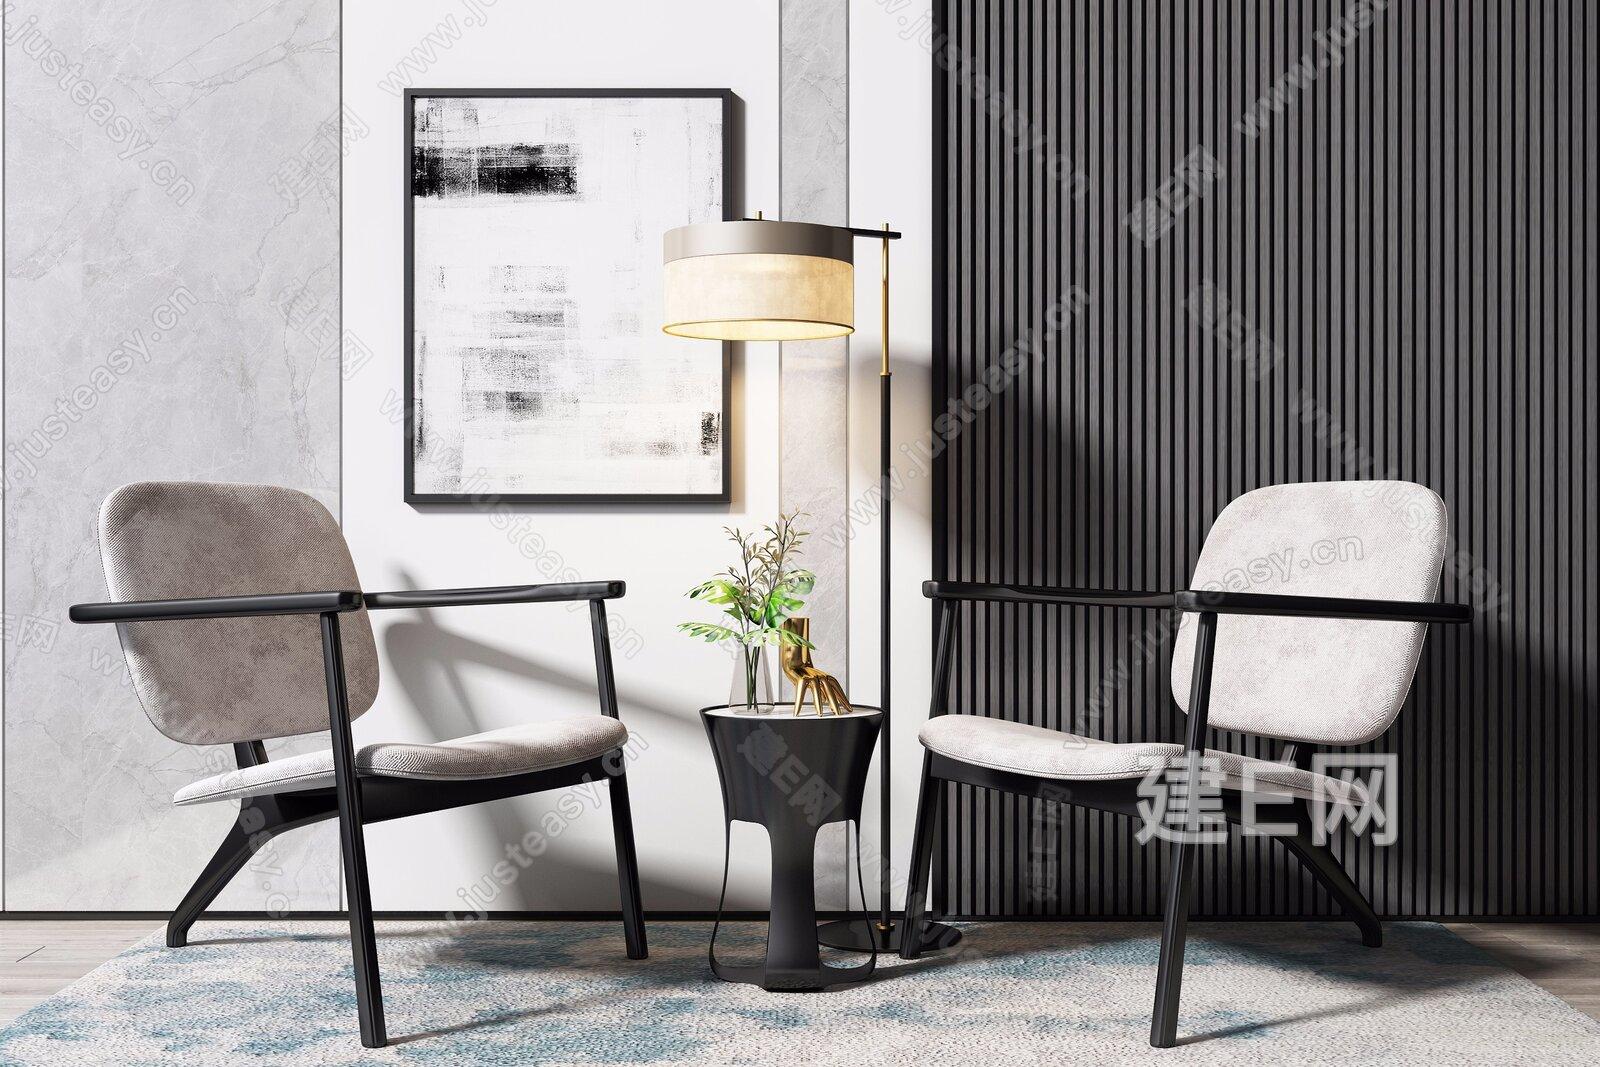 新中式休闲椅边几落地灯组合3d模型